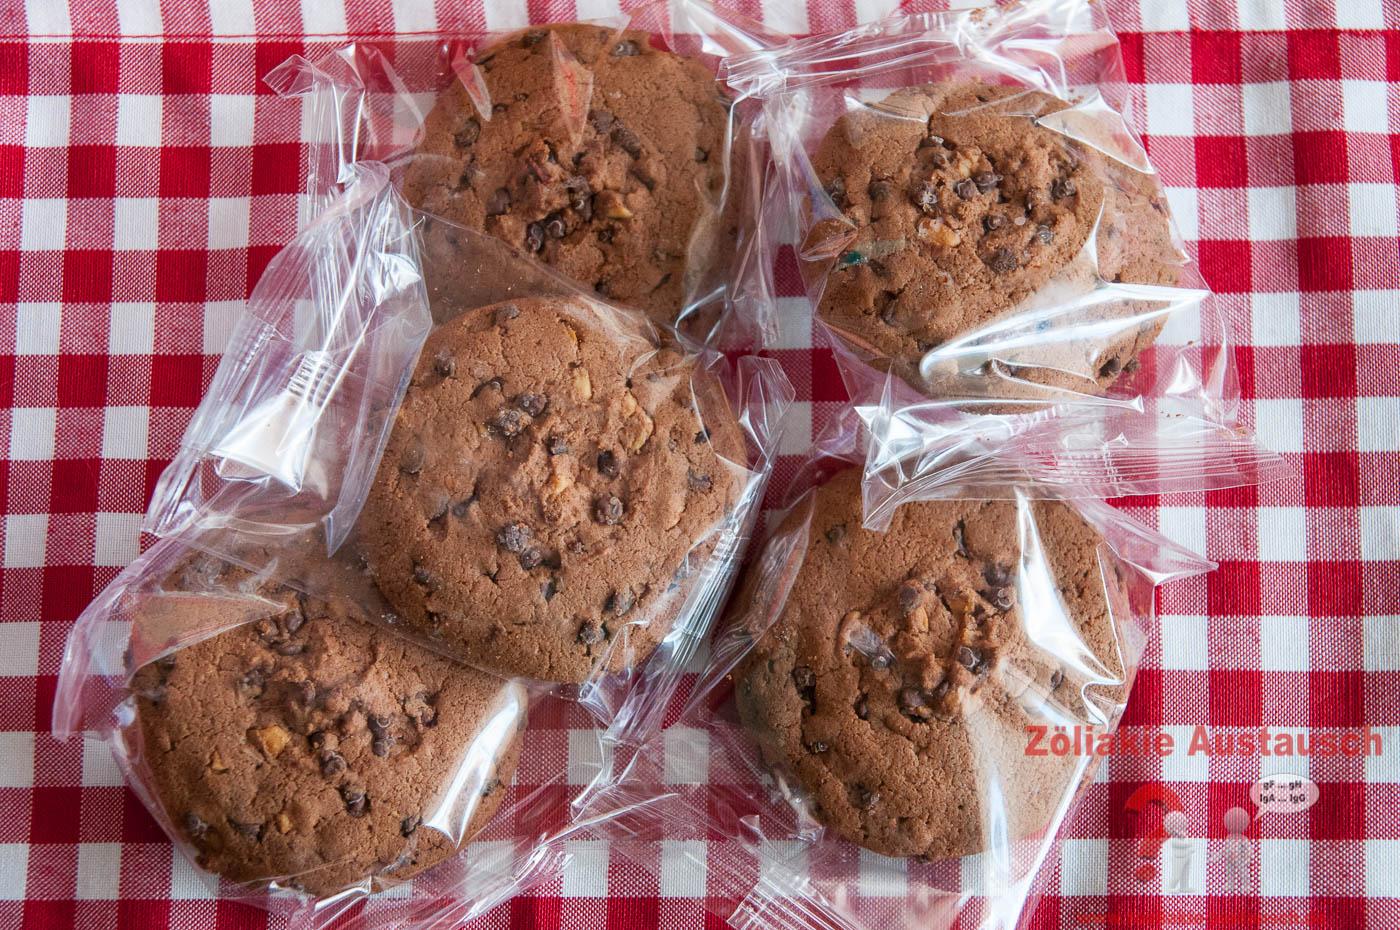 Zoeliakie_Austausch_Sommer_Cookies-005